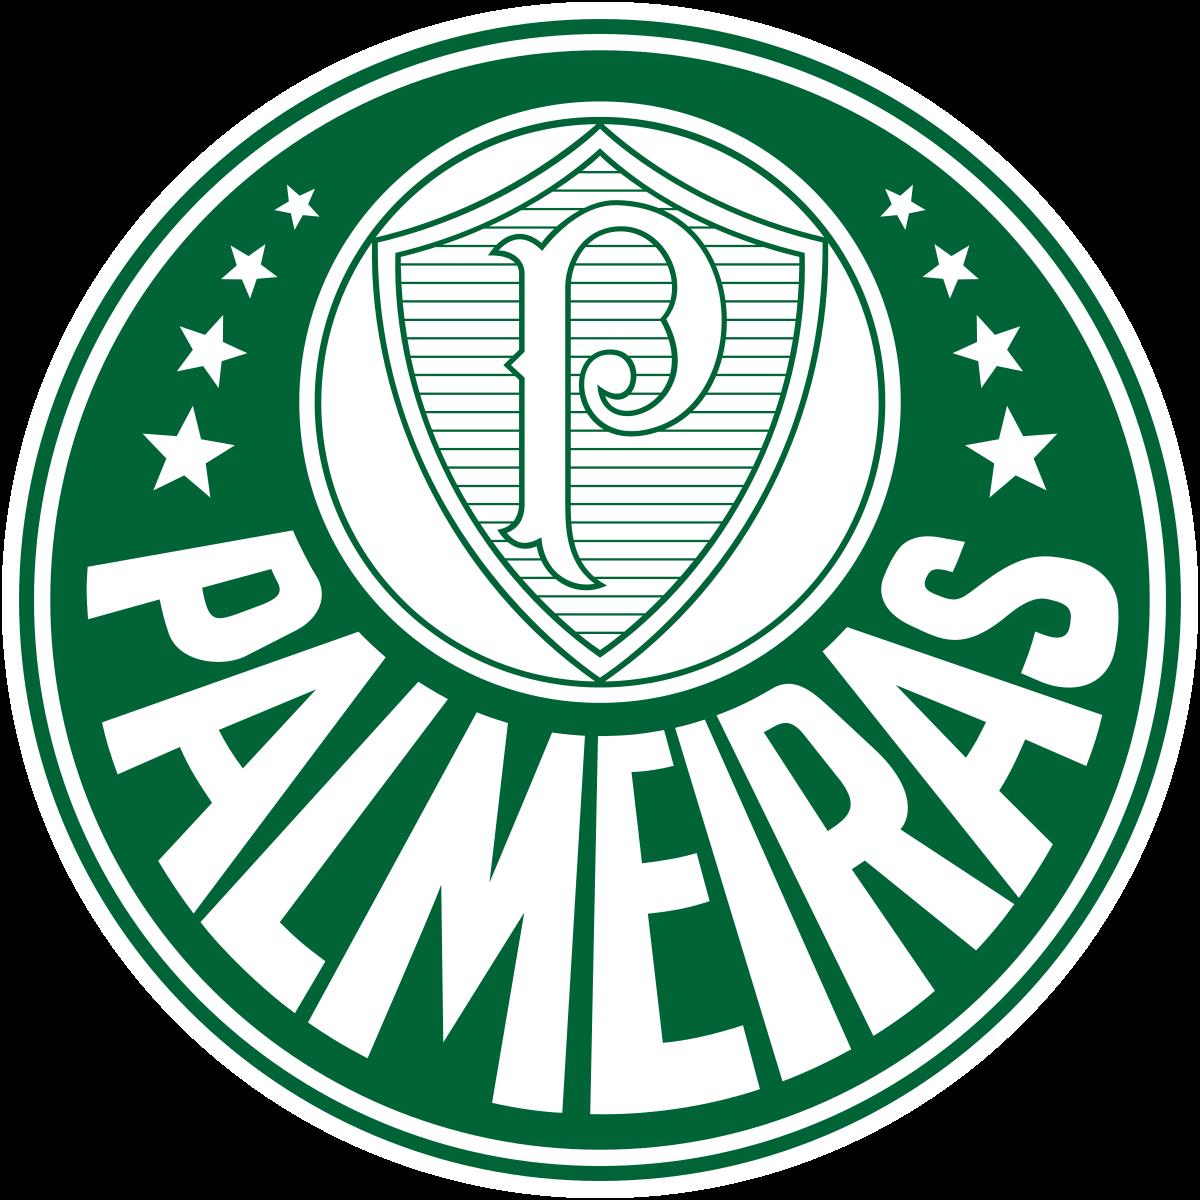 Places Palmeiras